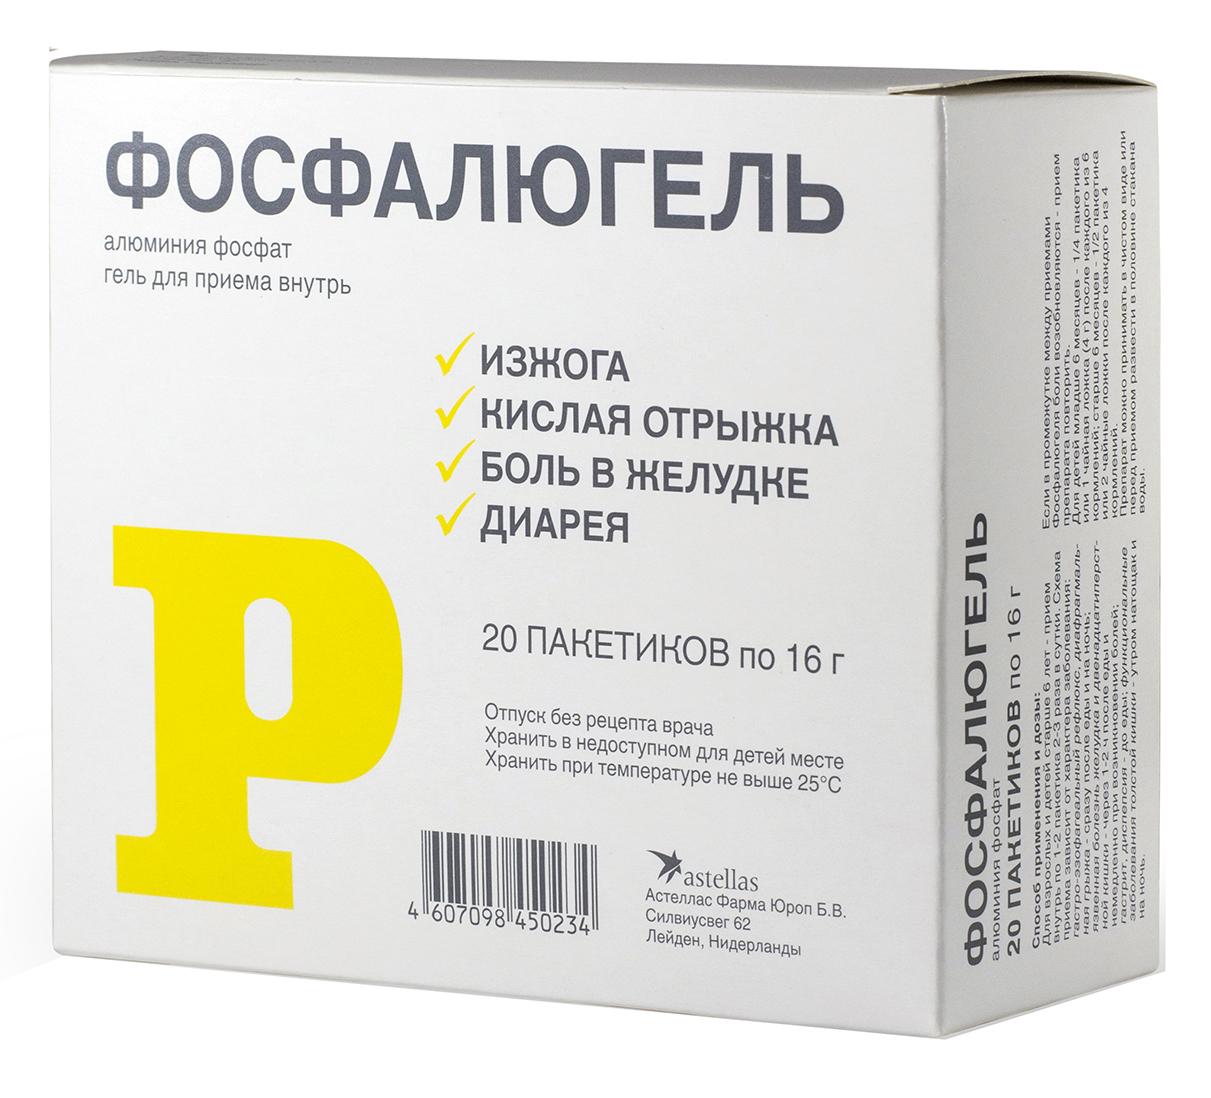 ФОСФАЛЮГЕЛЬ 16г 20 шт. гель для приема внутрь